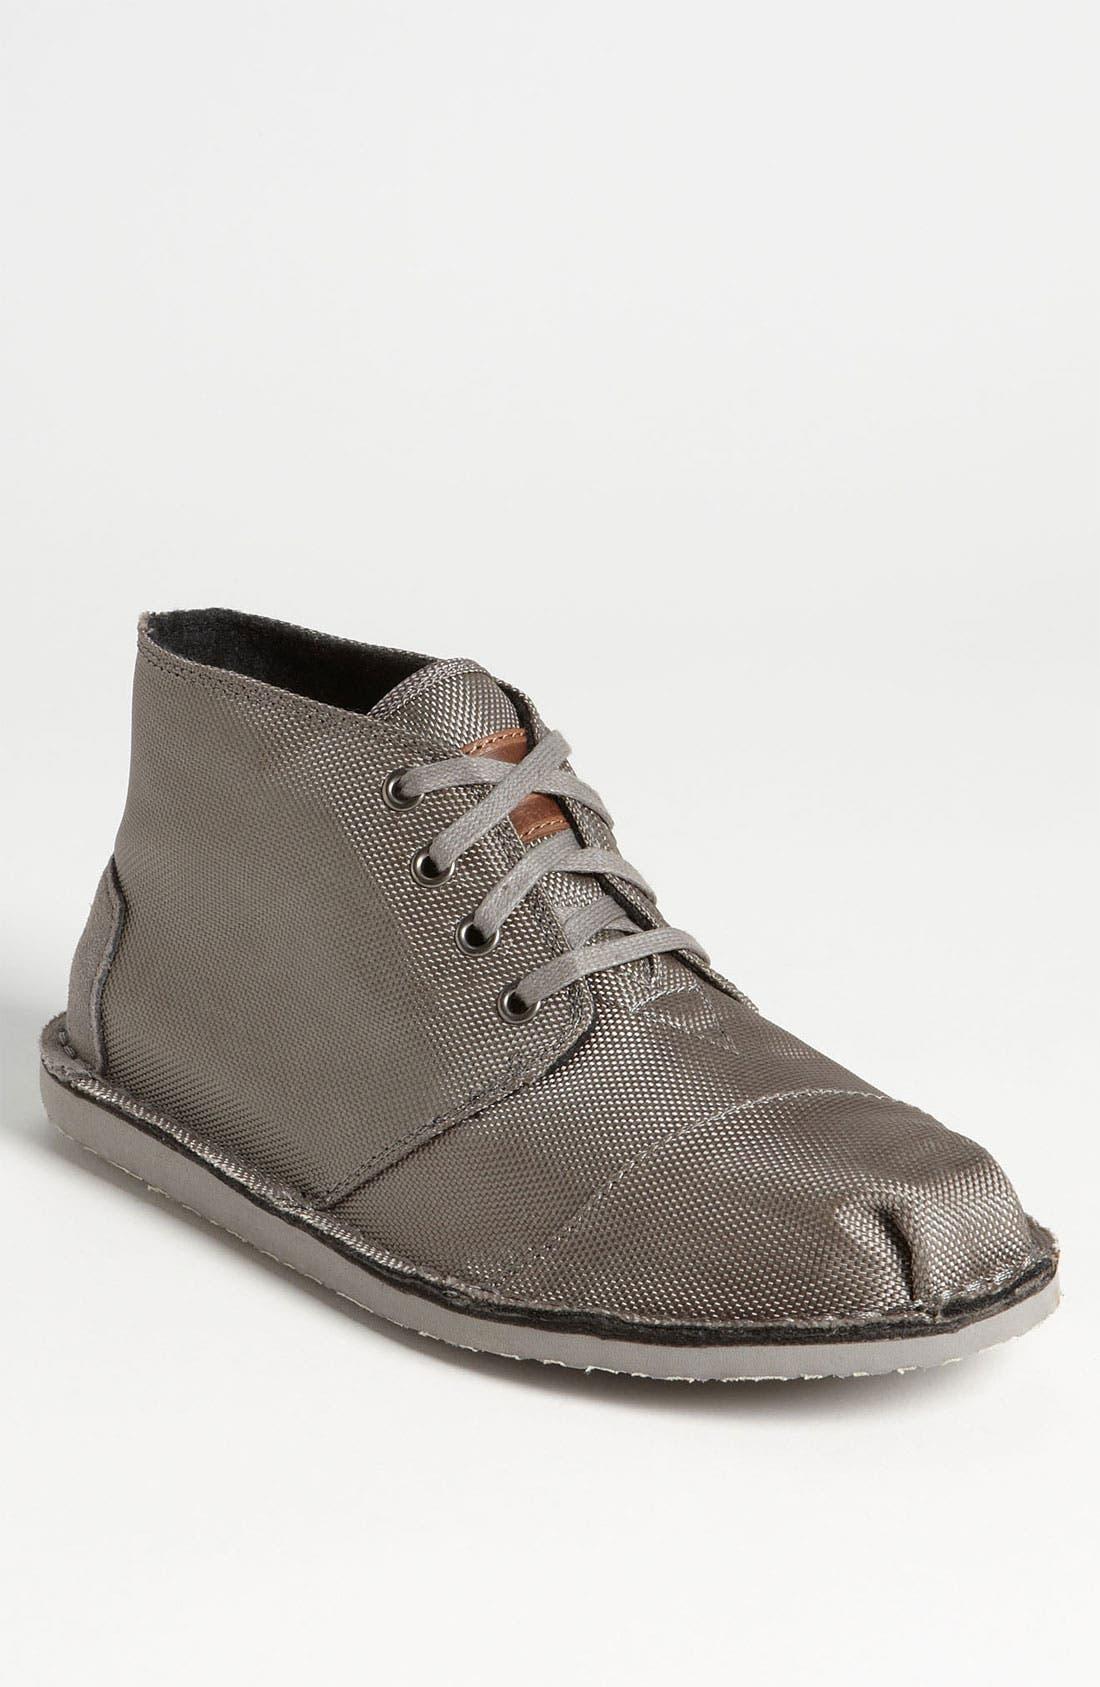 Main Image - TOMS 'Botas - Desert' Nylon Chukka Boot (Men) (Online Only)